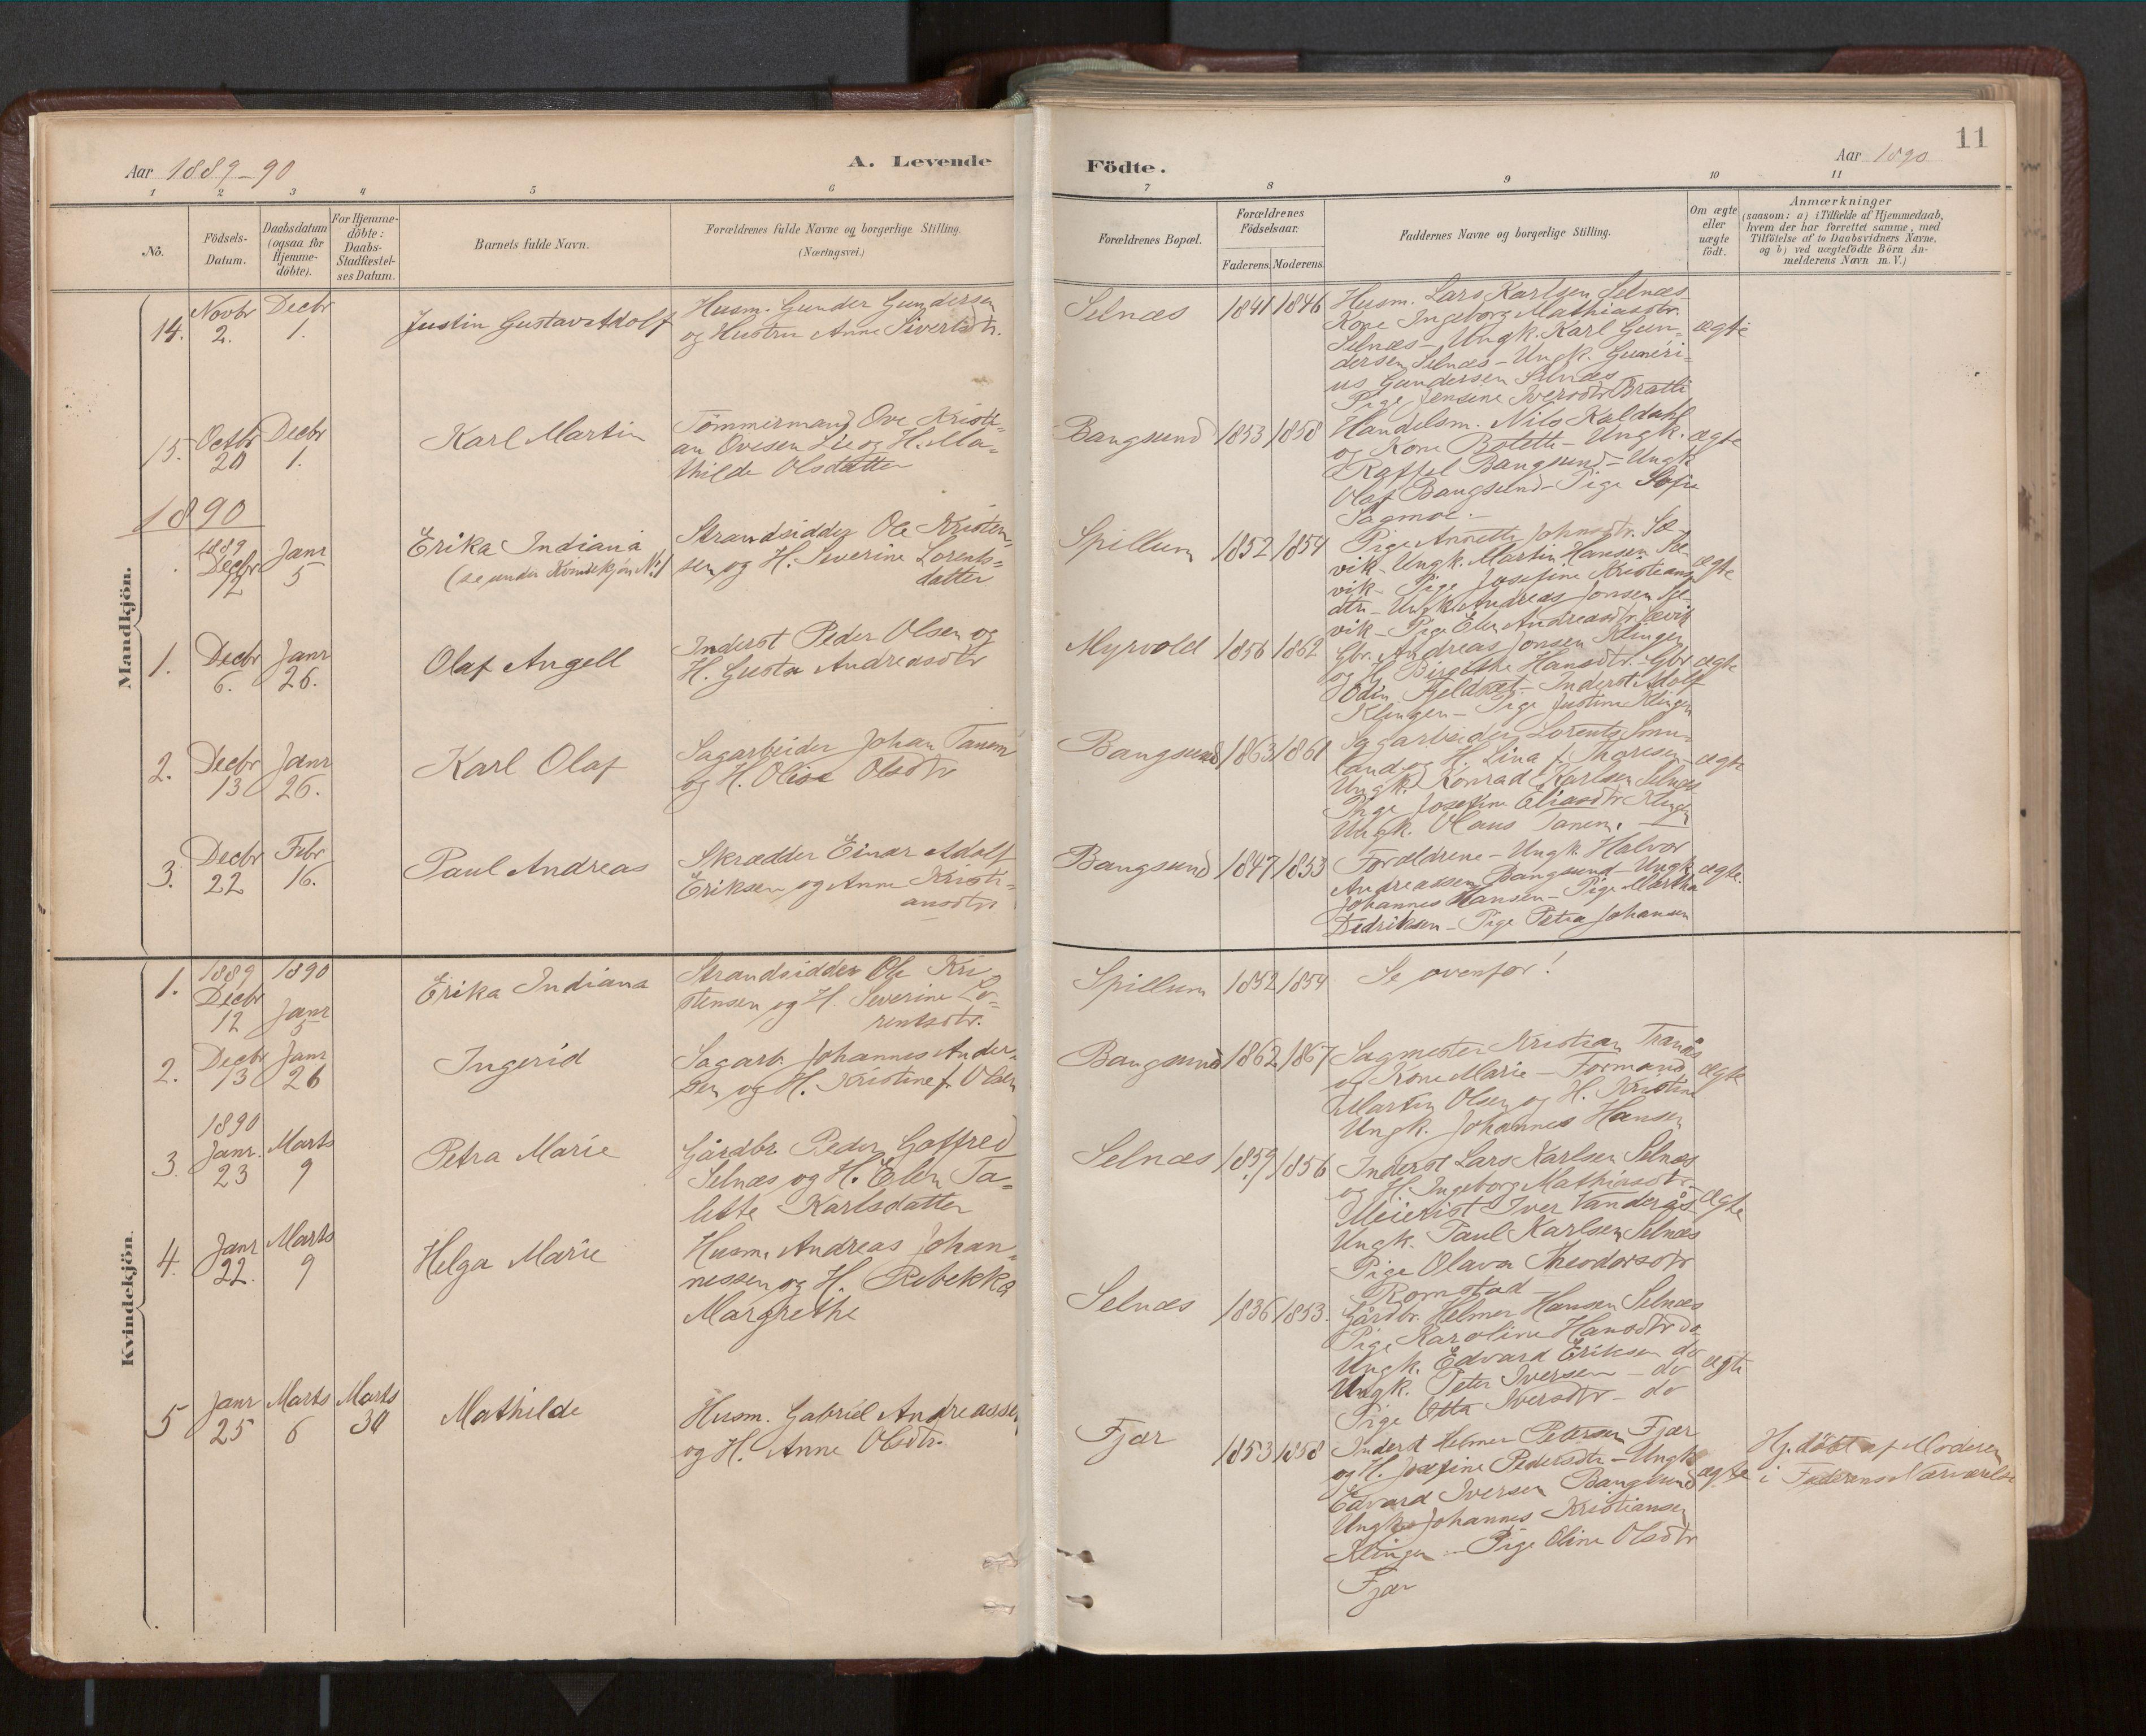 SAT, Ministerialprotokoller, klokkerbøker og fødselsregistre - Nord-Trøndelag, 770/L0589: Ministerialbok nr. 770A03, 1887-1929, s. 11